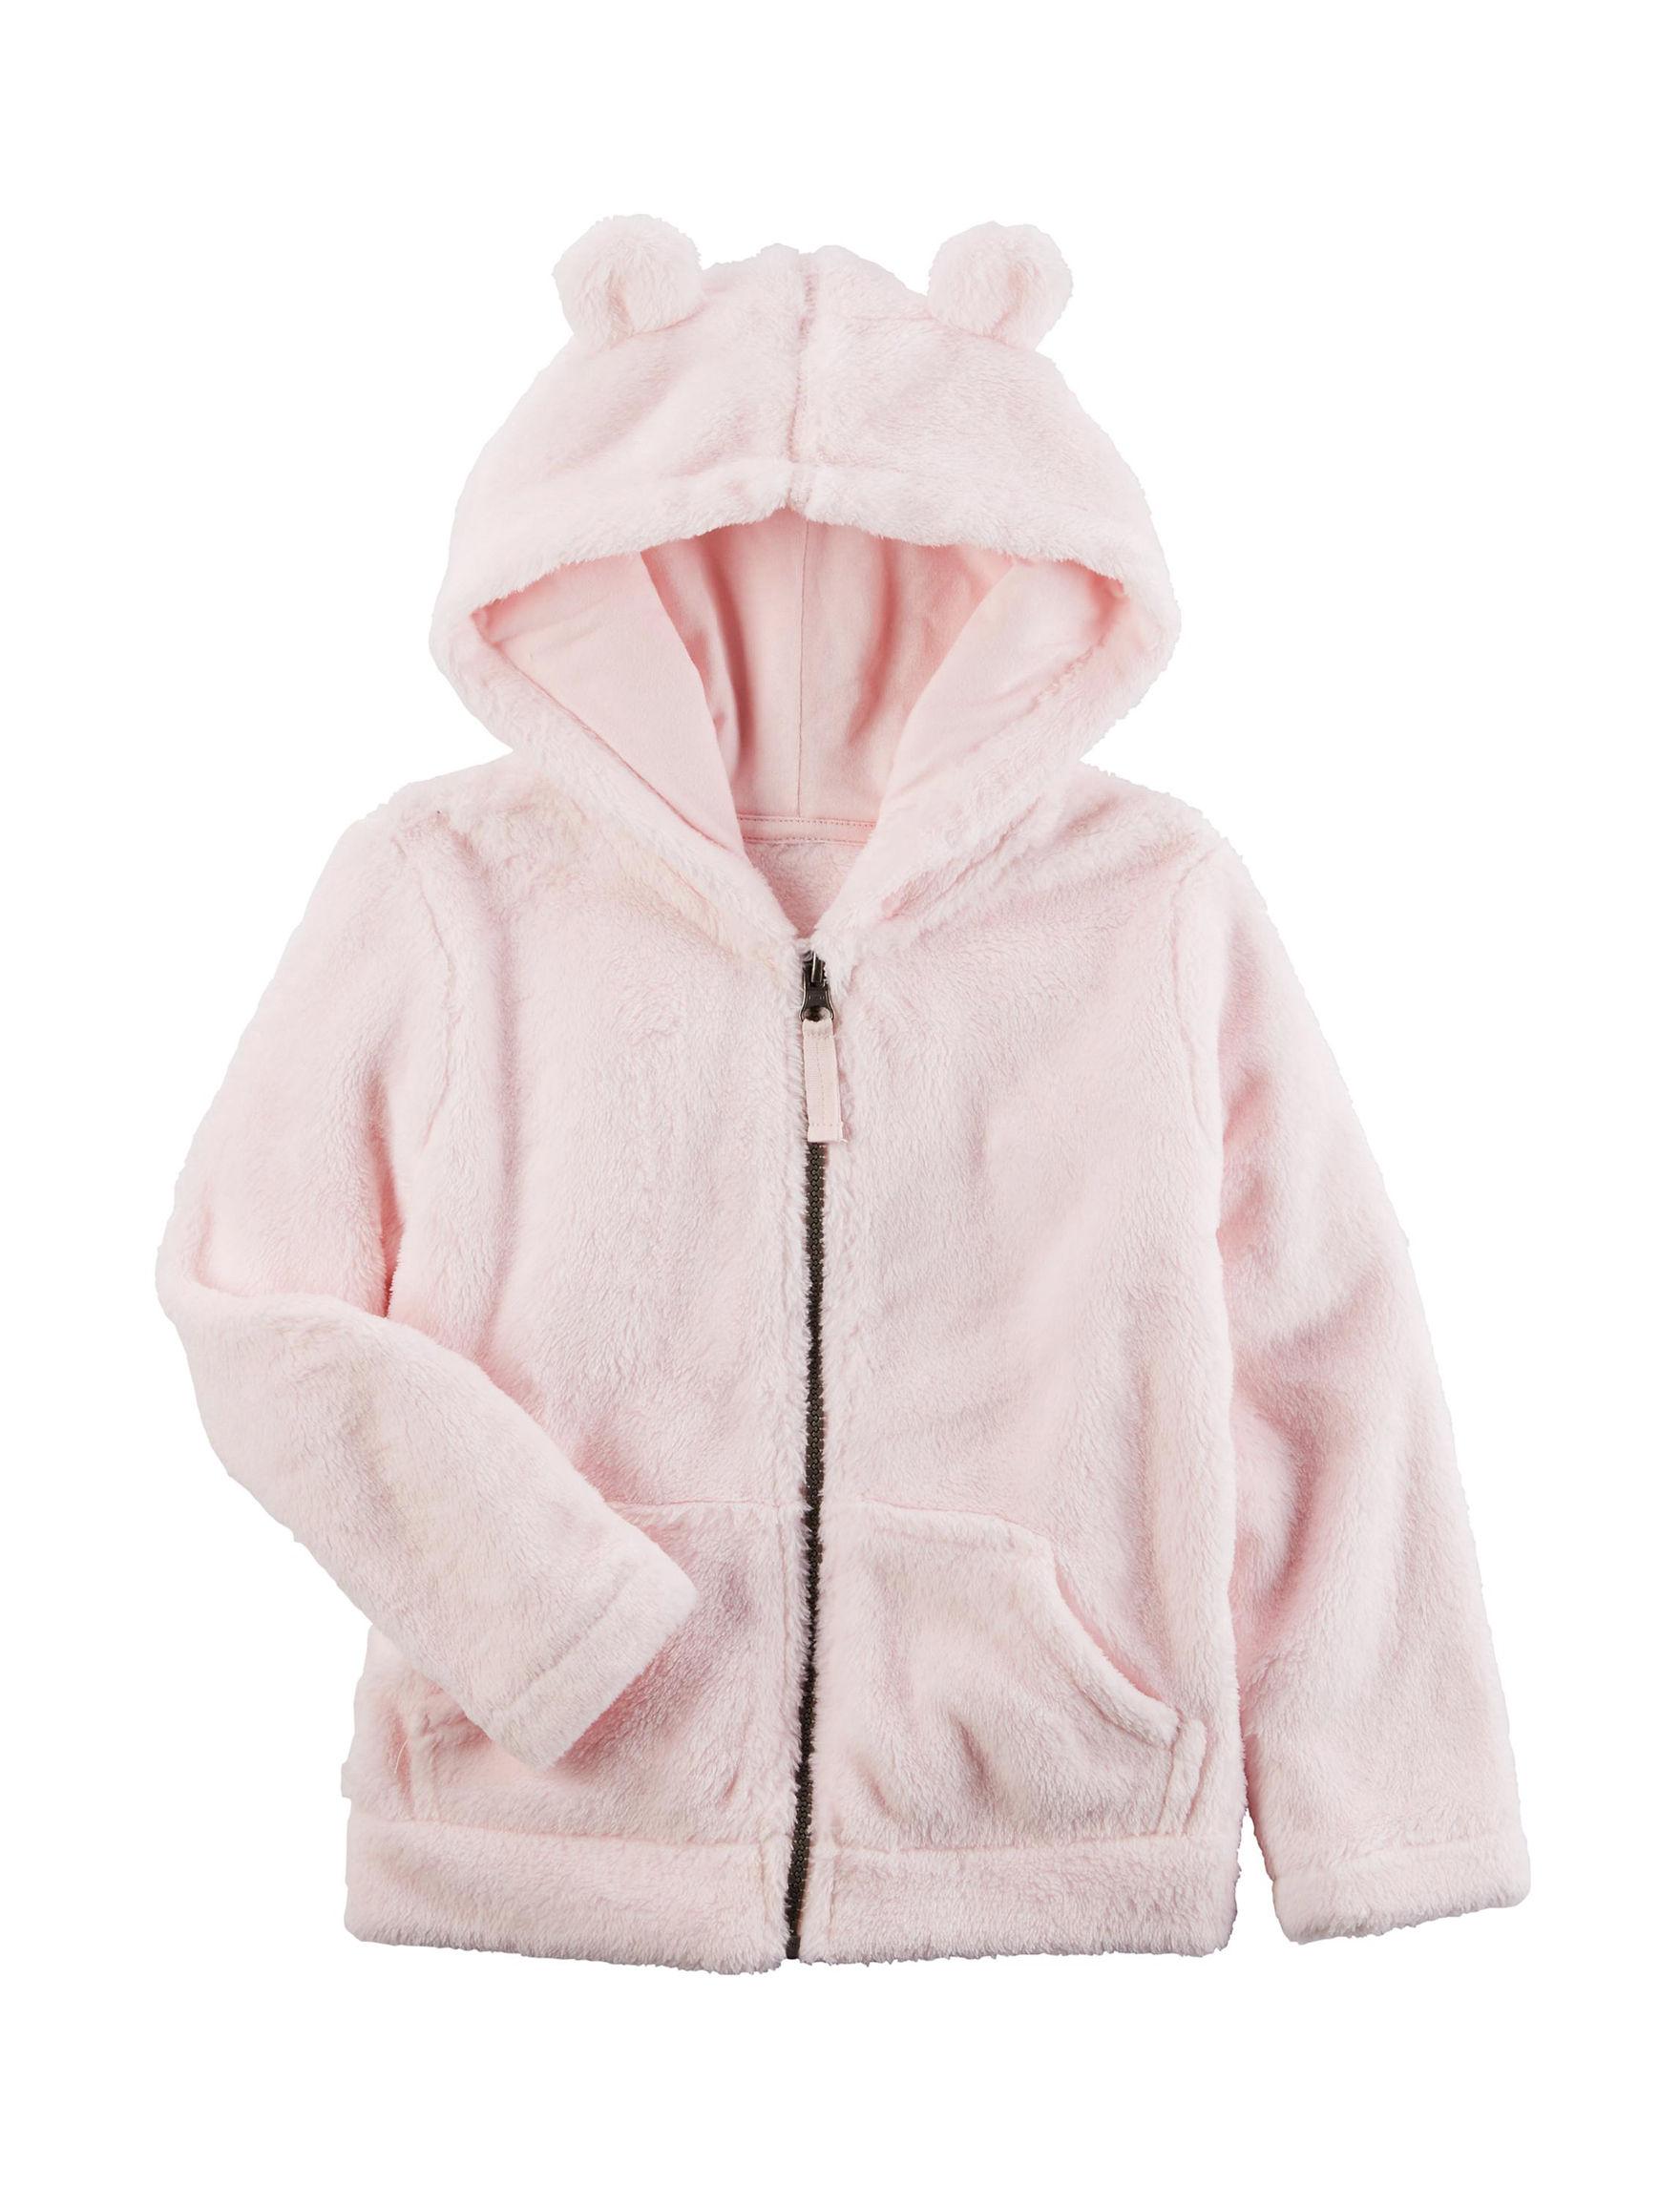 Carter's Light Pink Fleece & Soft Shell Jackets